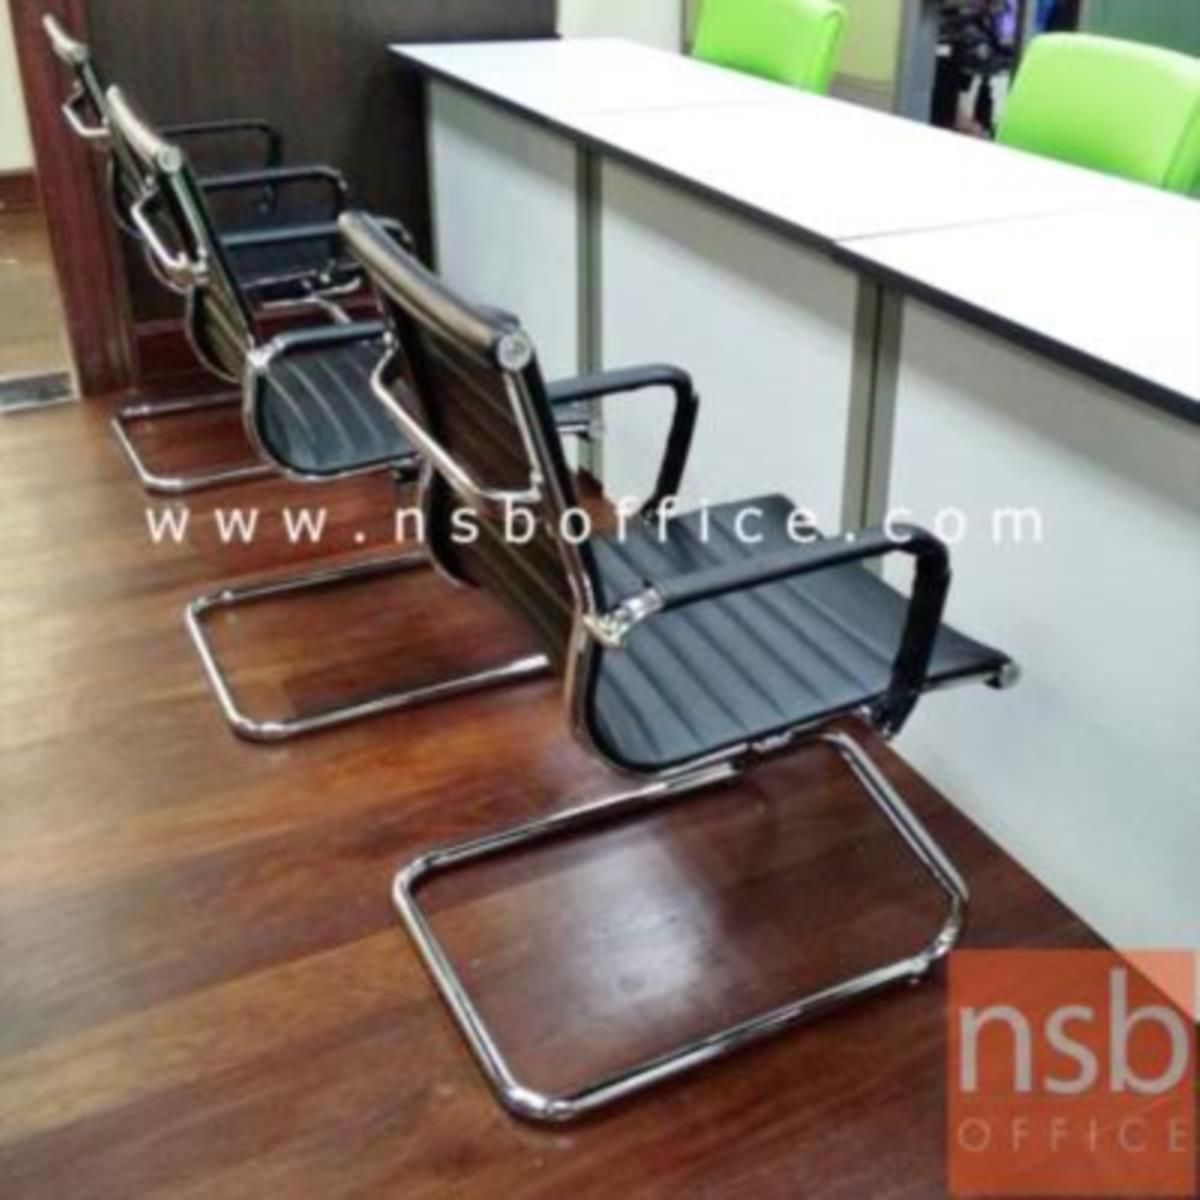 เก้าอี้รับแขกขาตัวซี รุ่น Cyclop (ไซคลอป)  ขาเหล็กชุบโครเมี่ยม